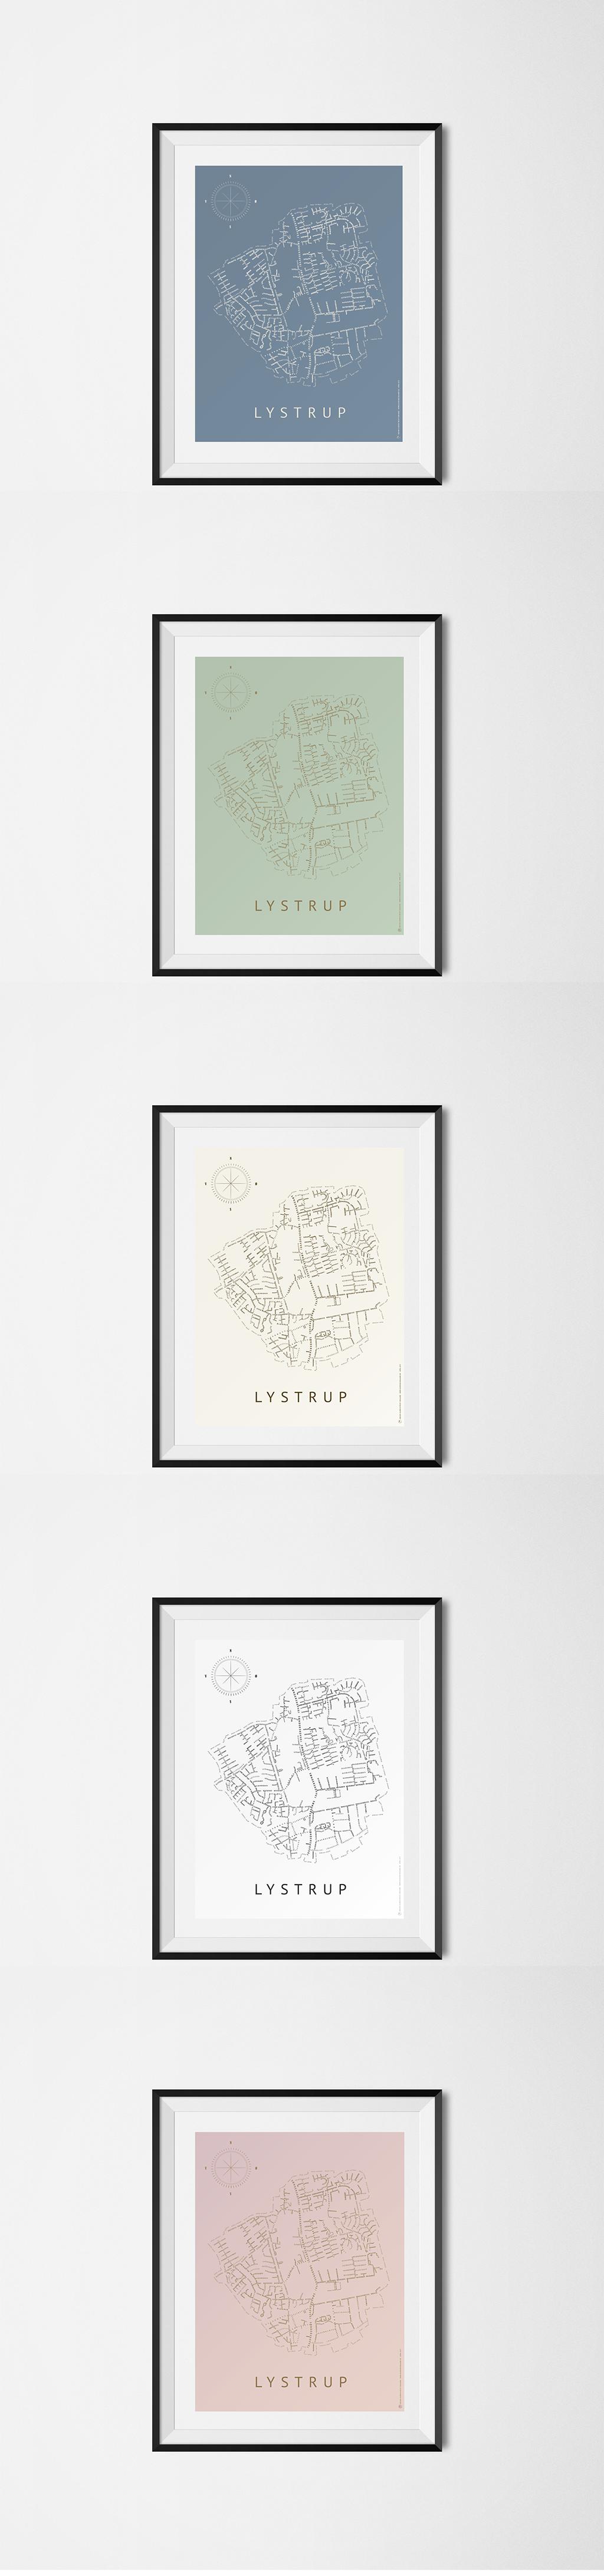 Plakat_Lystrup